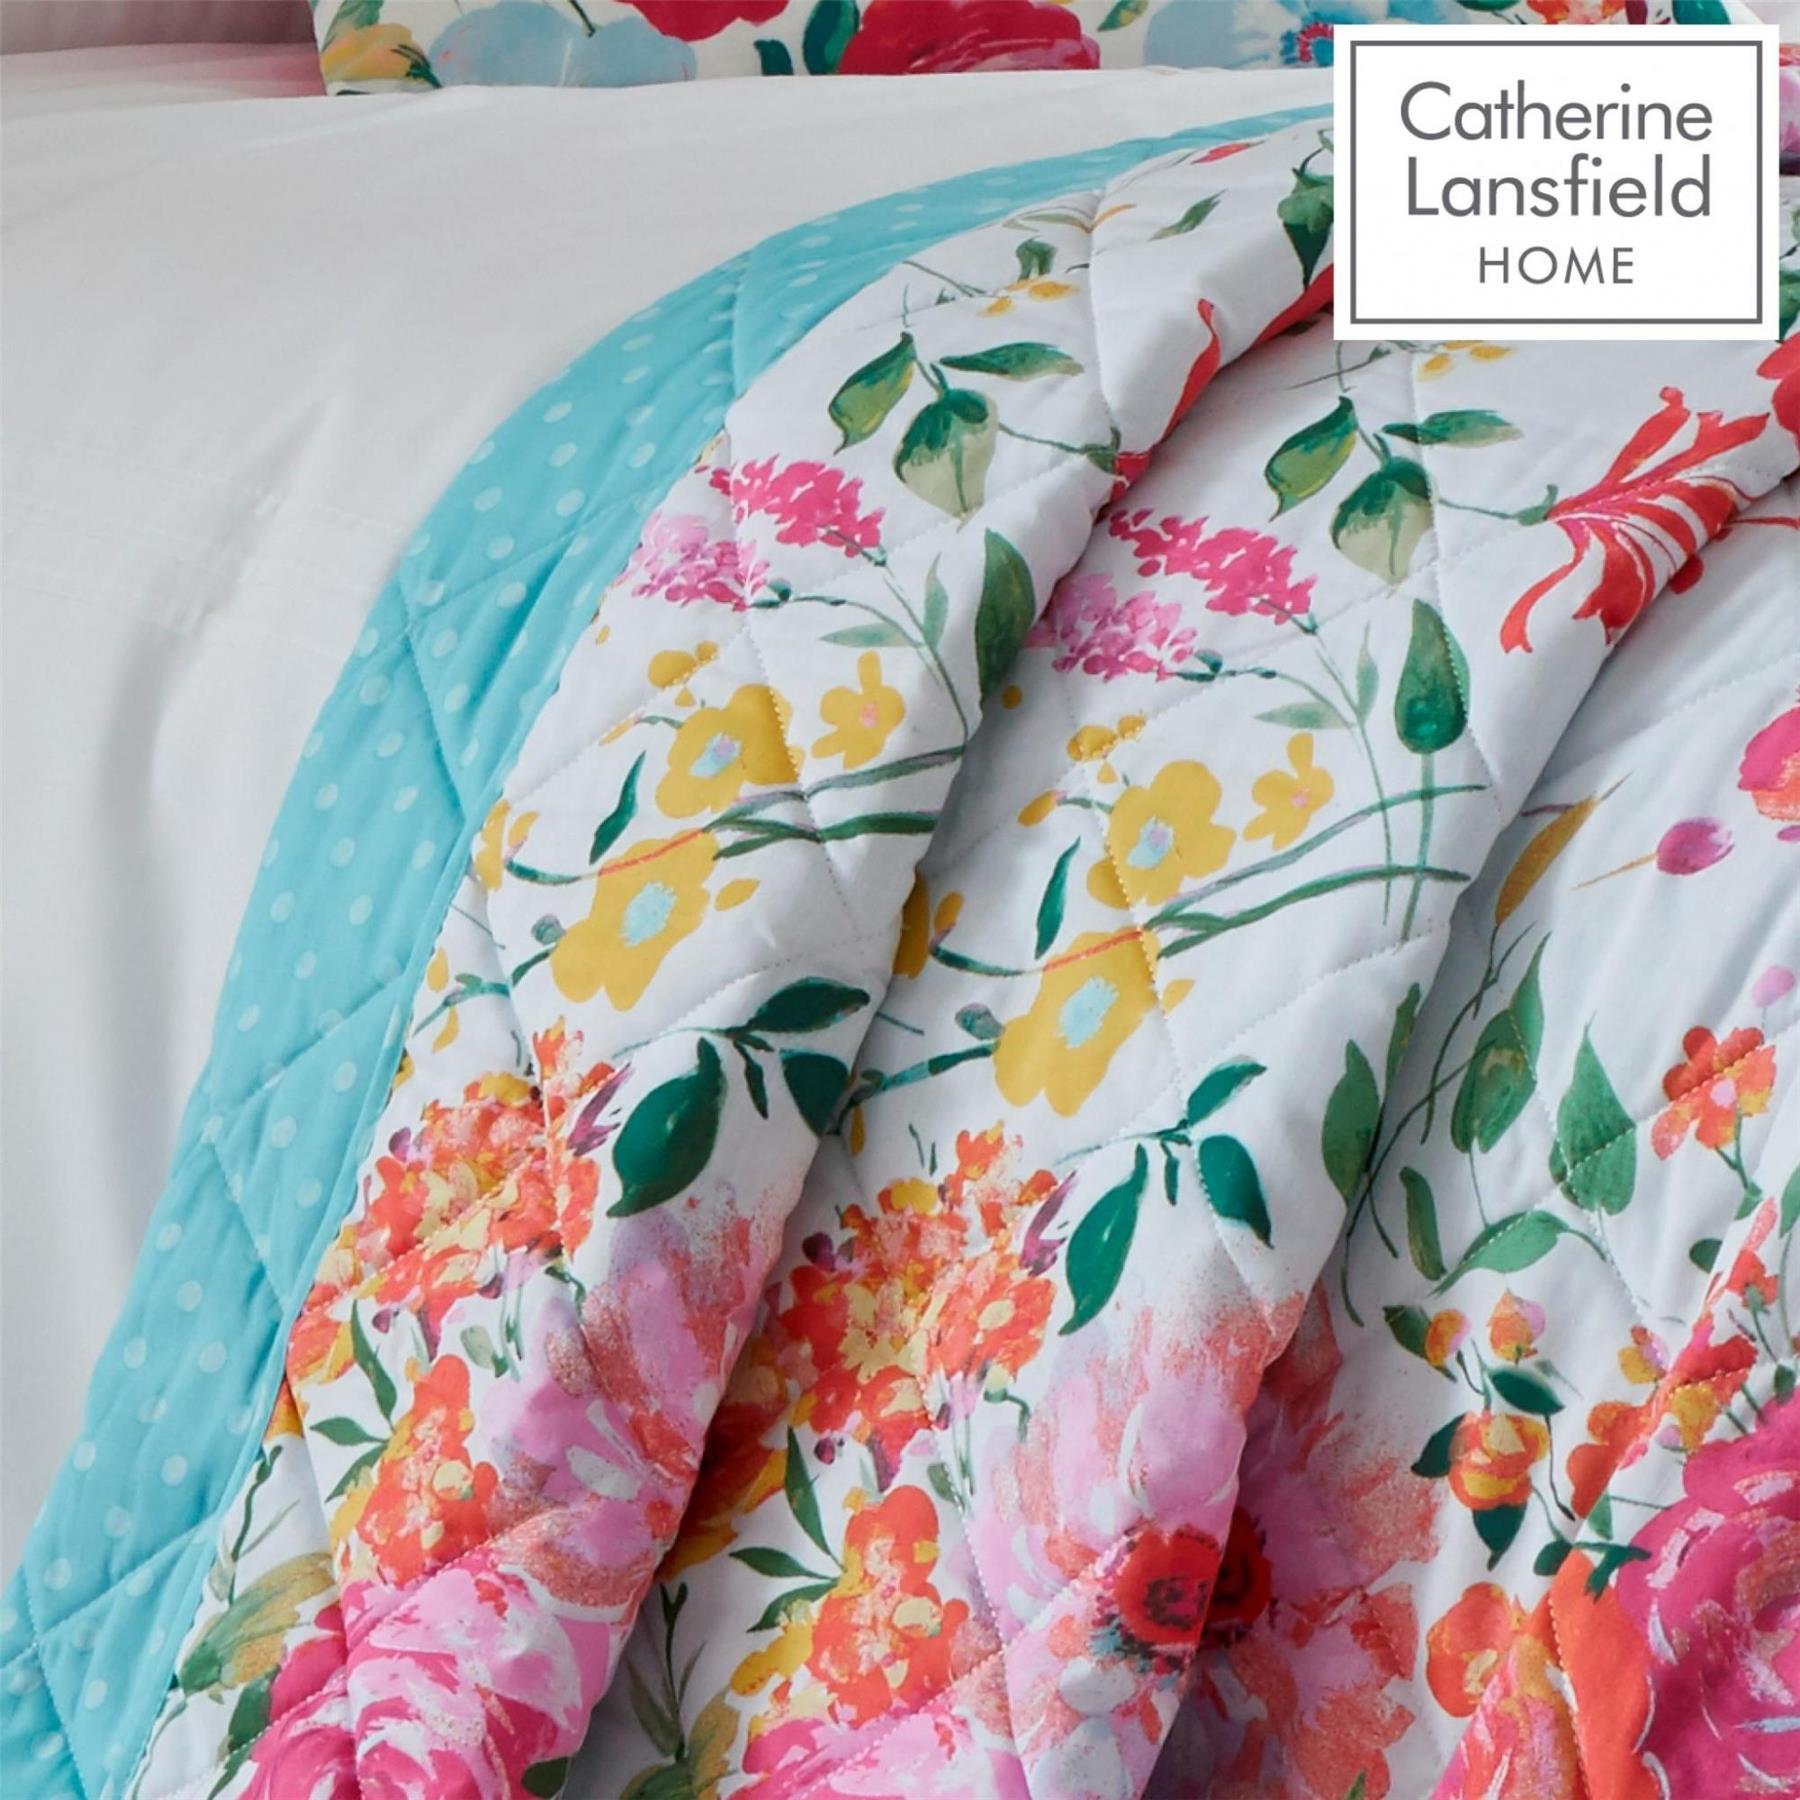 Catherine-Lansfield-biancheria-da-letto-Salisbury-Copripiumino-Set-Tende-Cuscino-Copriletto miniatura 4